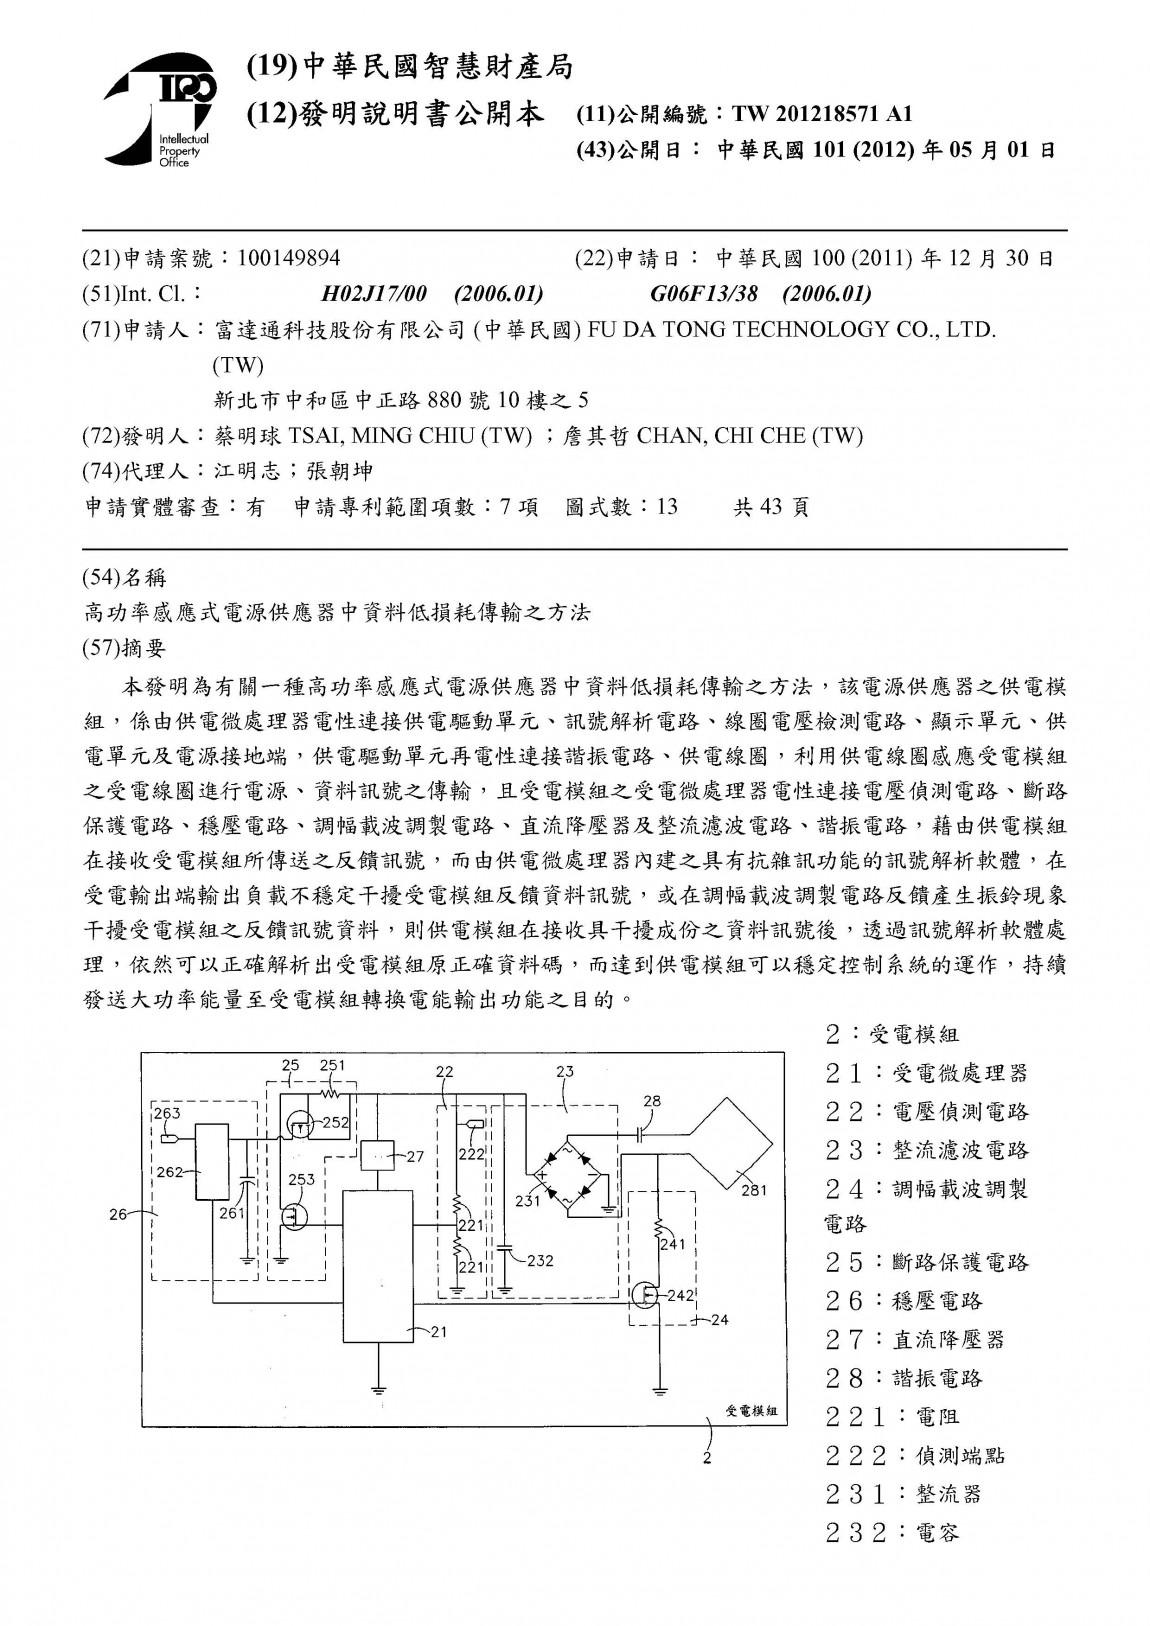 富達通專利17-高功率感應式電源供應器中資料低損耗傳輸之方法(台灣)201218571